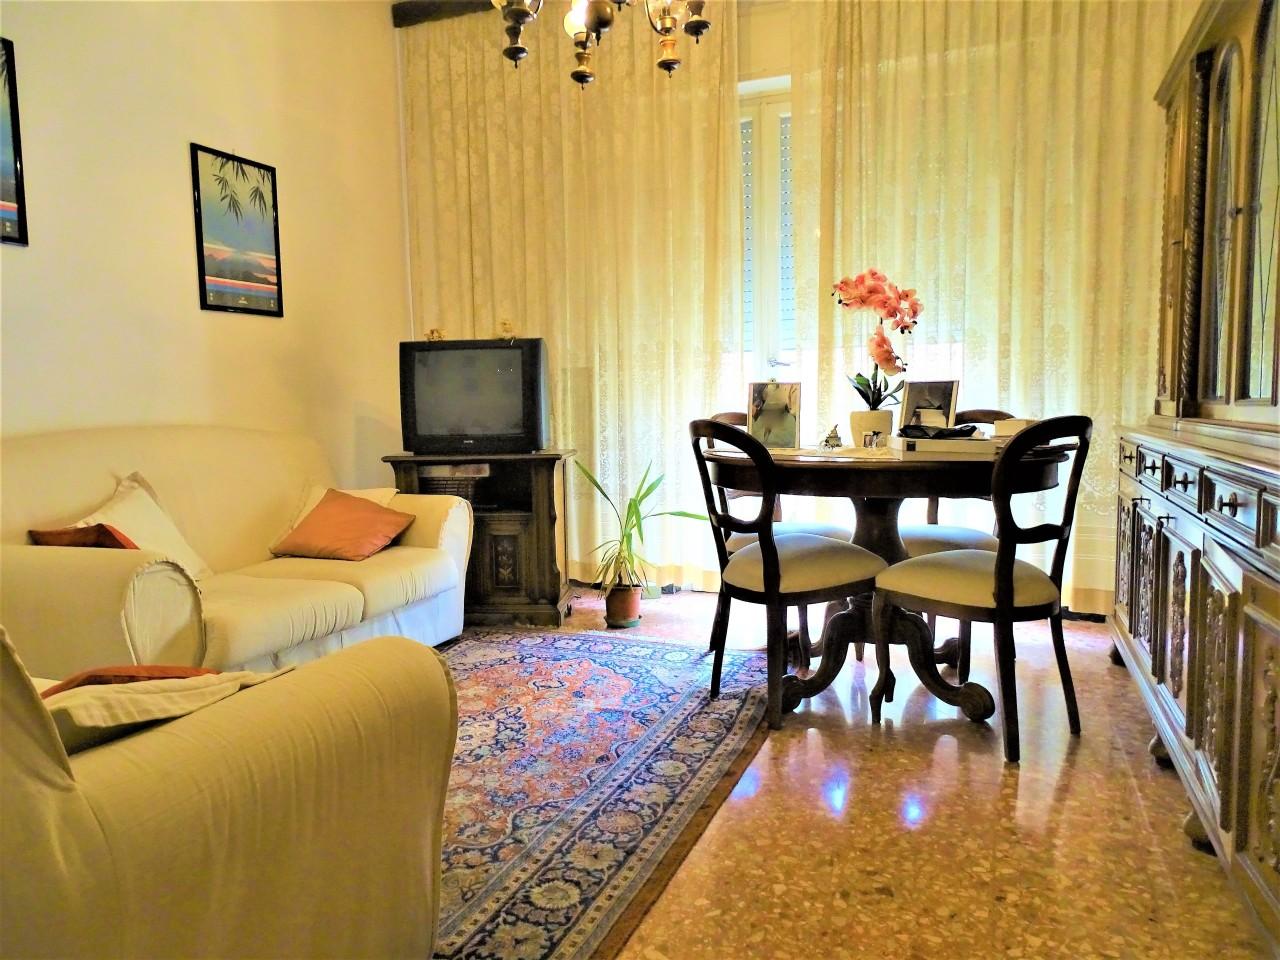 Case Toscane Immobiliare Pontedera : Case e appartamenti in vendita a pontedera cambiocasa